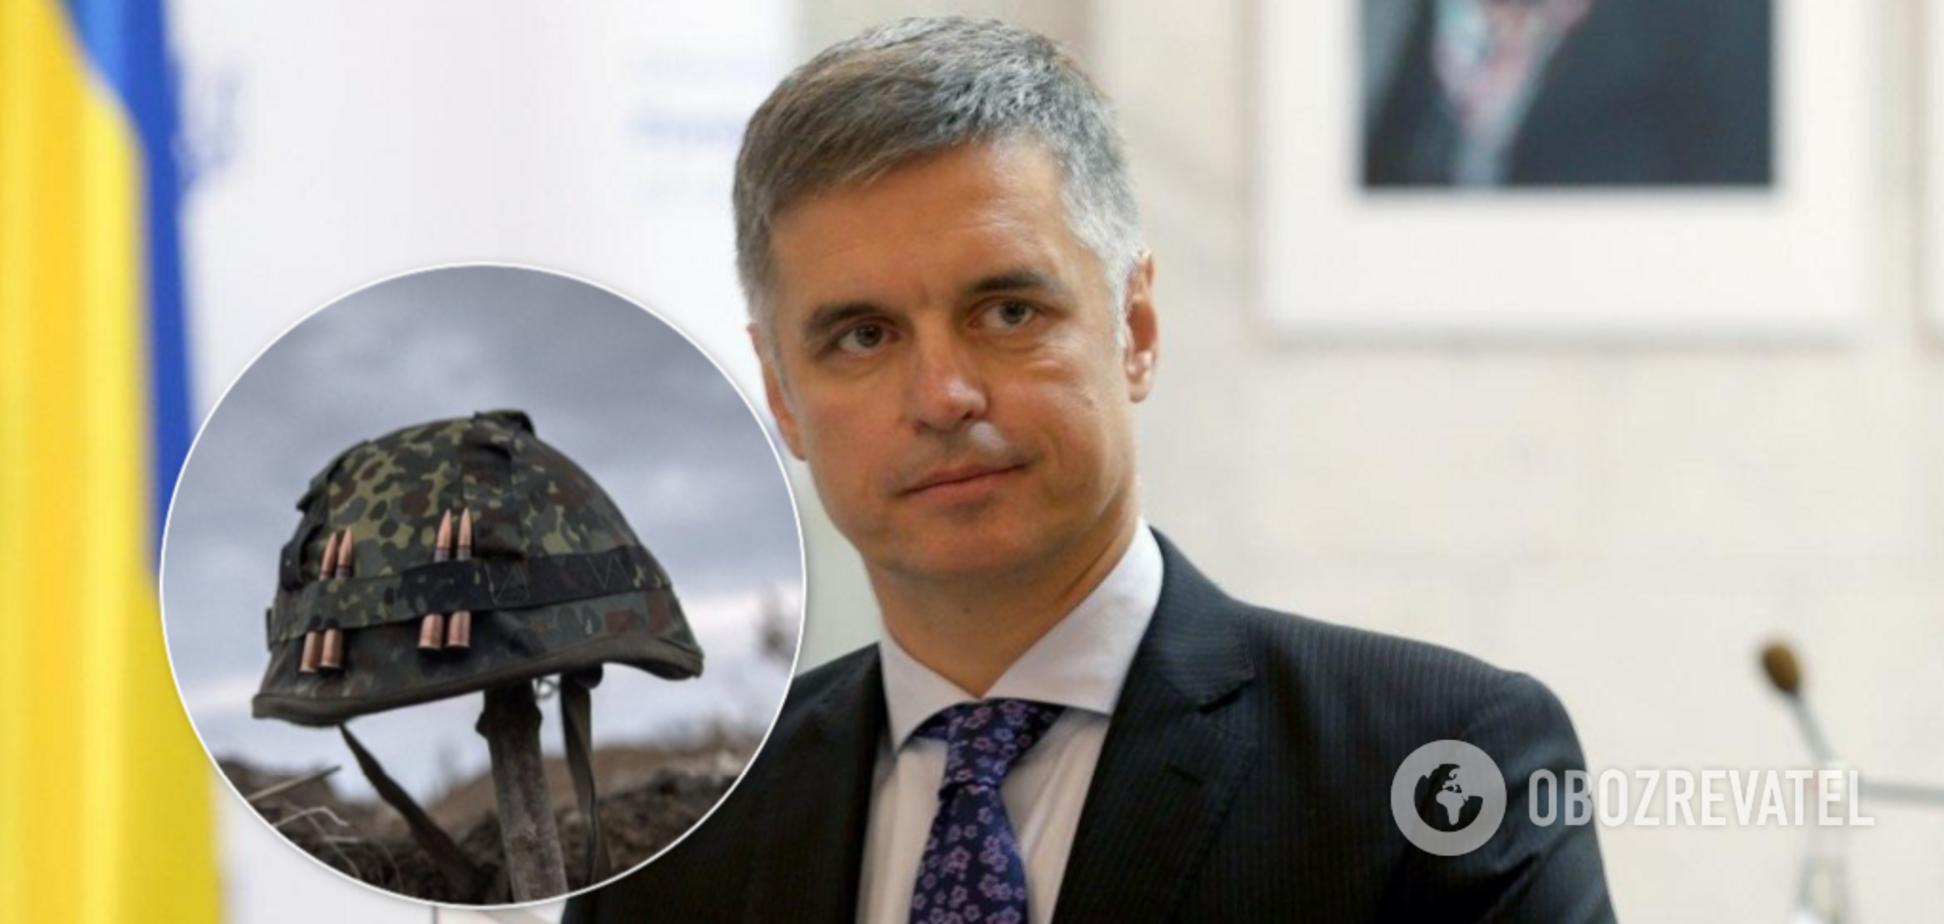 Пристайка викрили у брехні про втрати на Донбасі